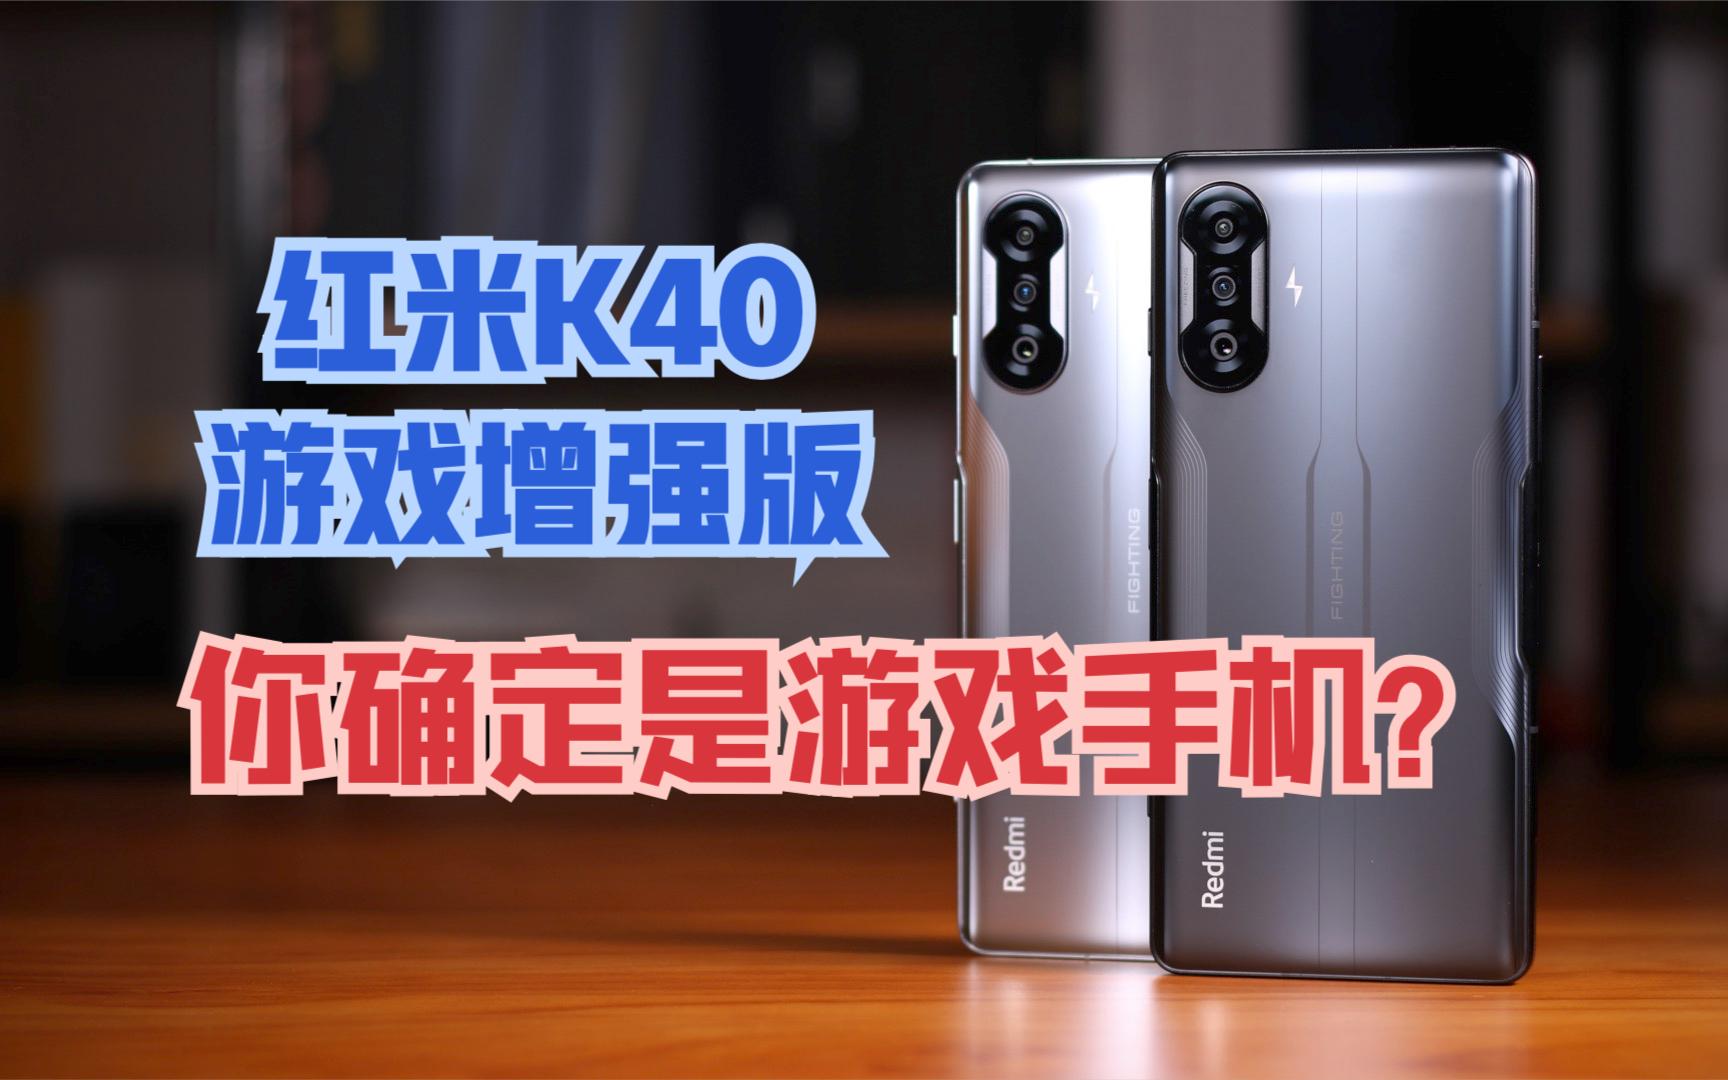 红米K40游戏增强版深度评测,你确定这是游戏手机?【新评科技】